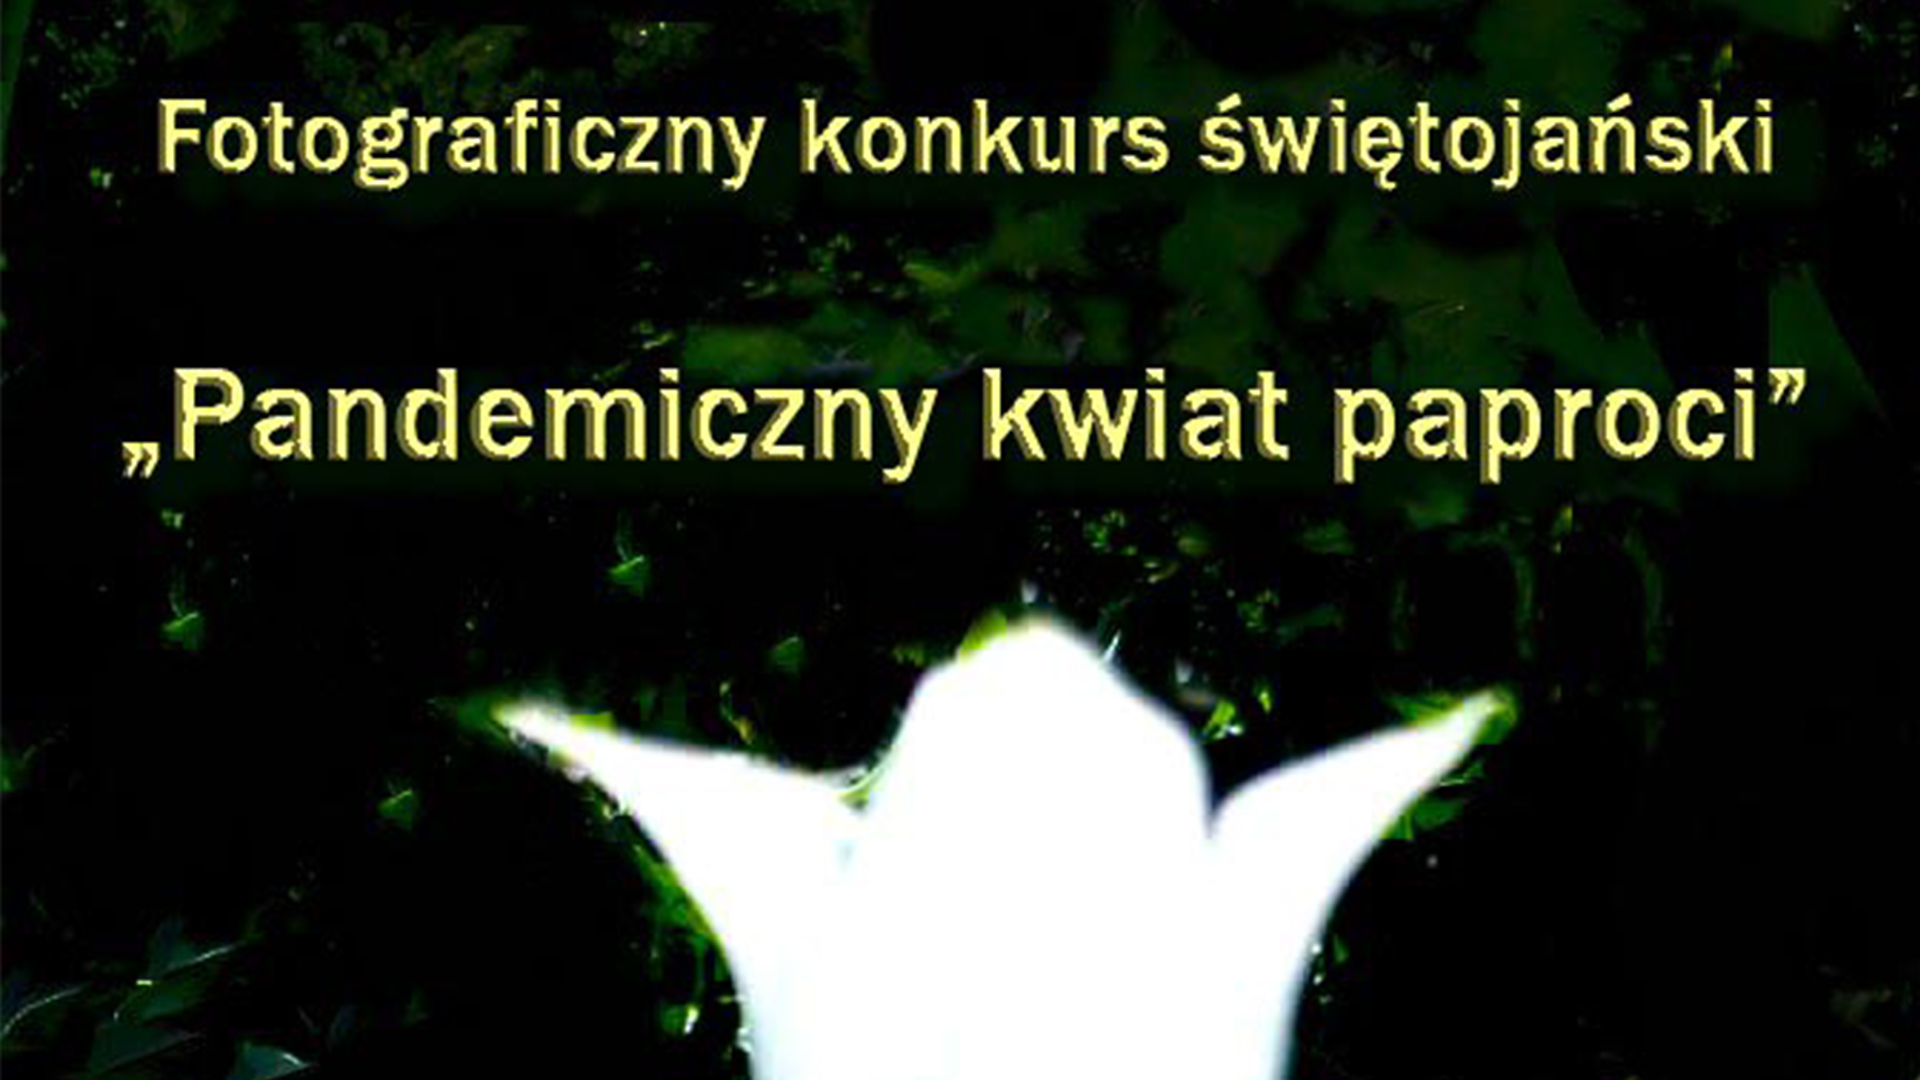 konkurs pandemiczny kwiat paproci